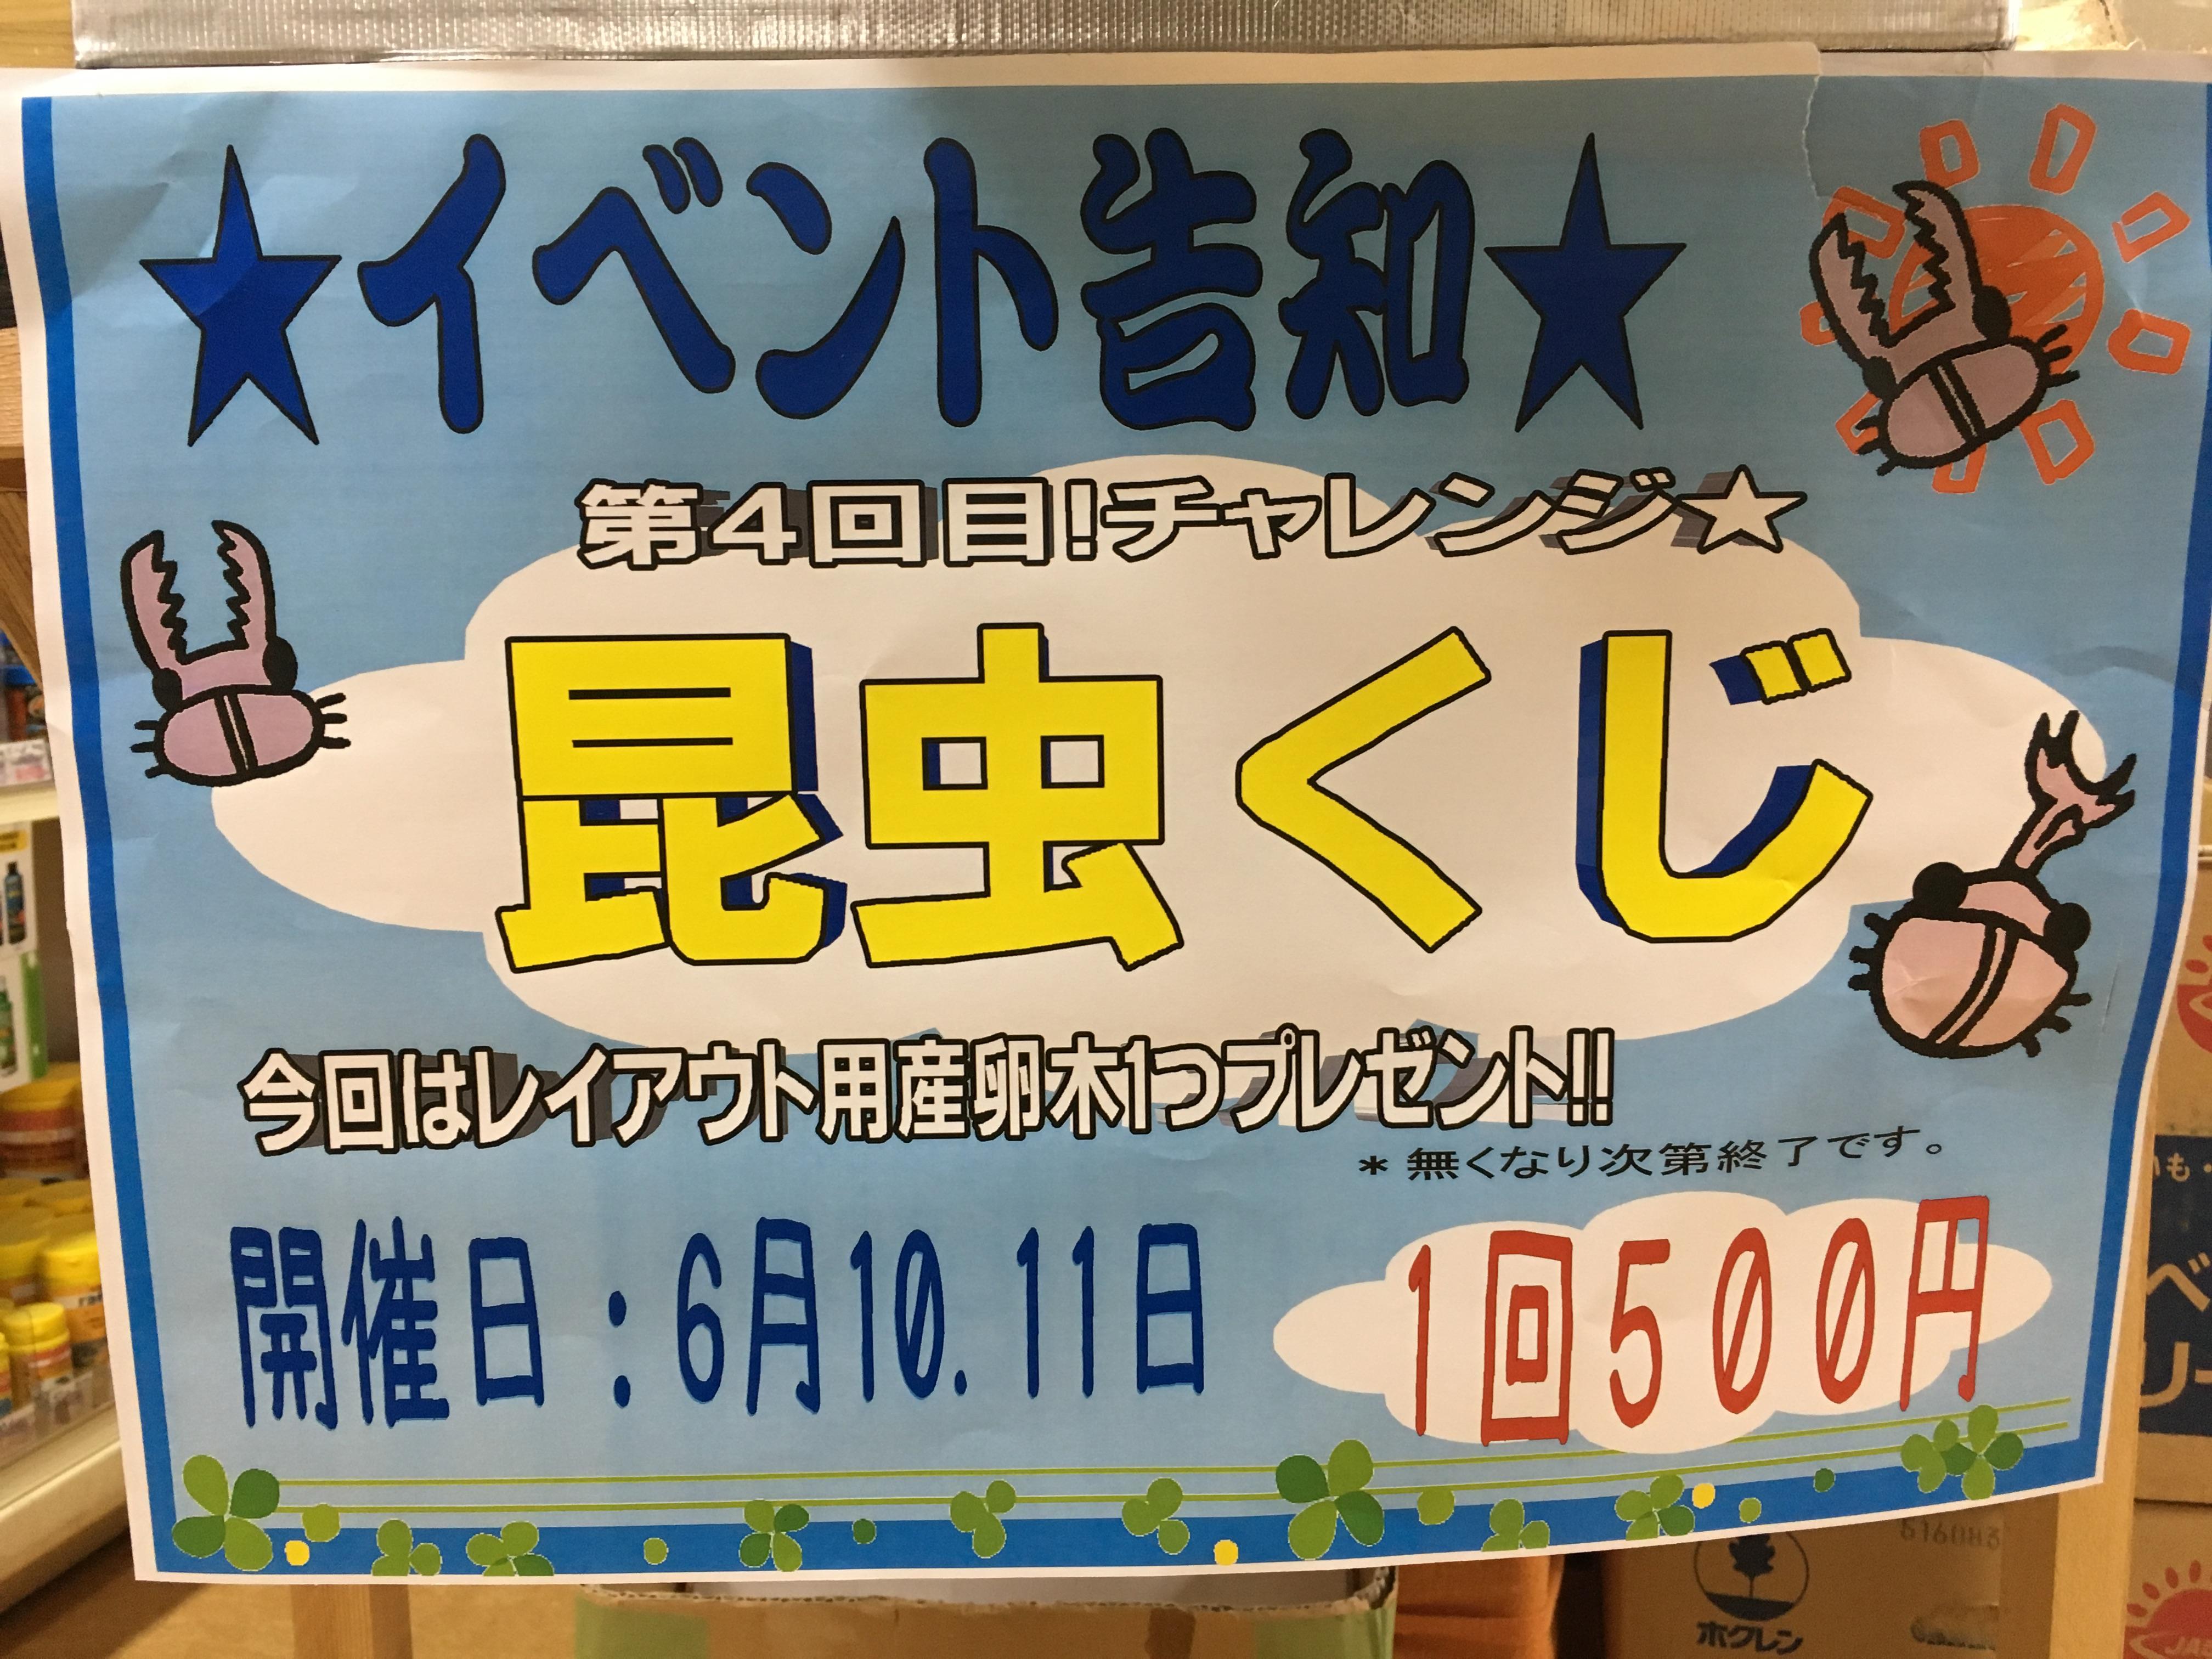 6月10.11日は昆虫クジ第4弾!!@インター小動物